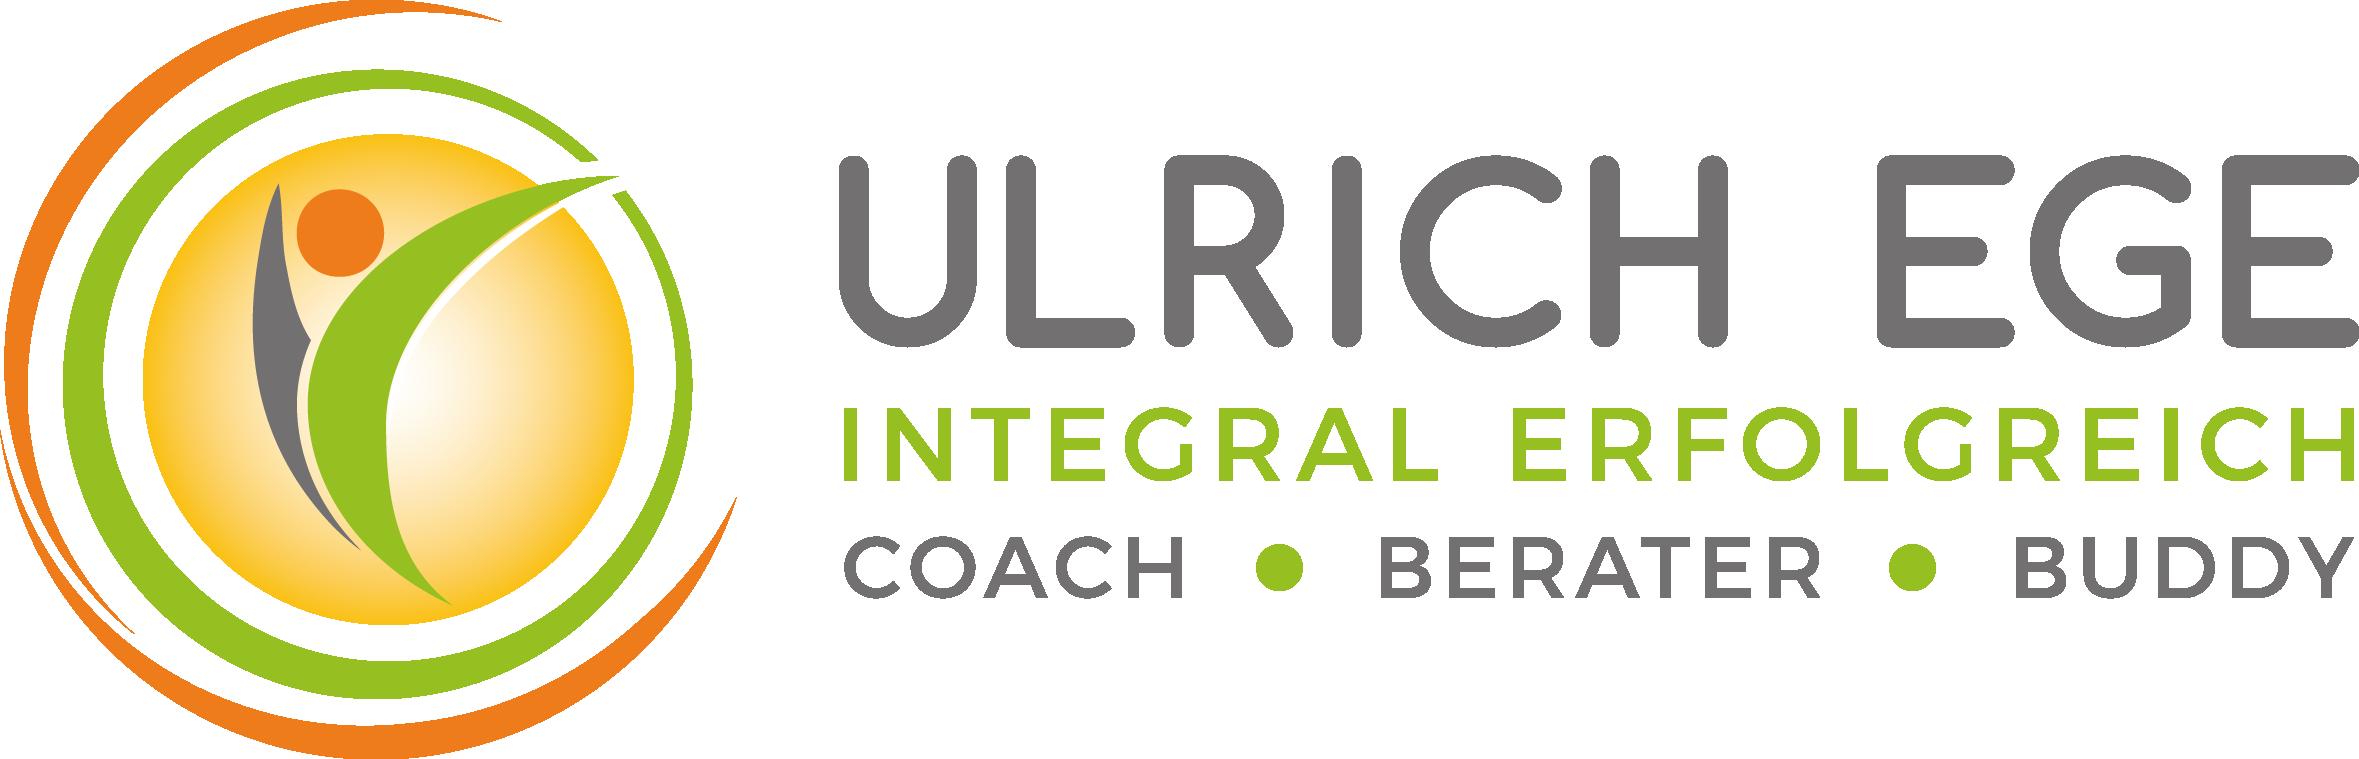 Ulrich Ege - ganzheitlich erfolgreich